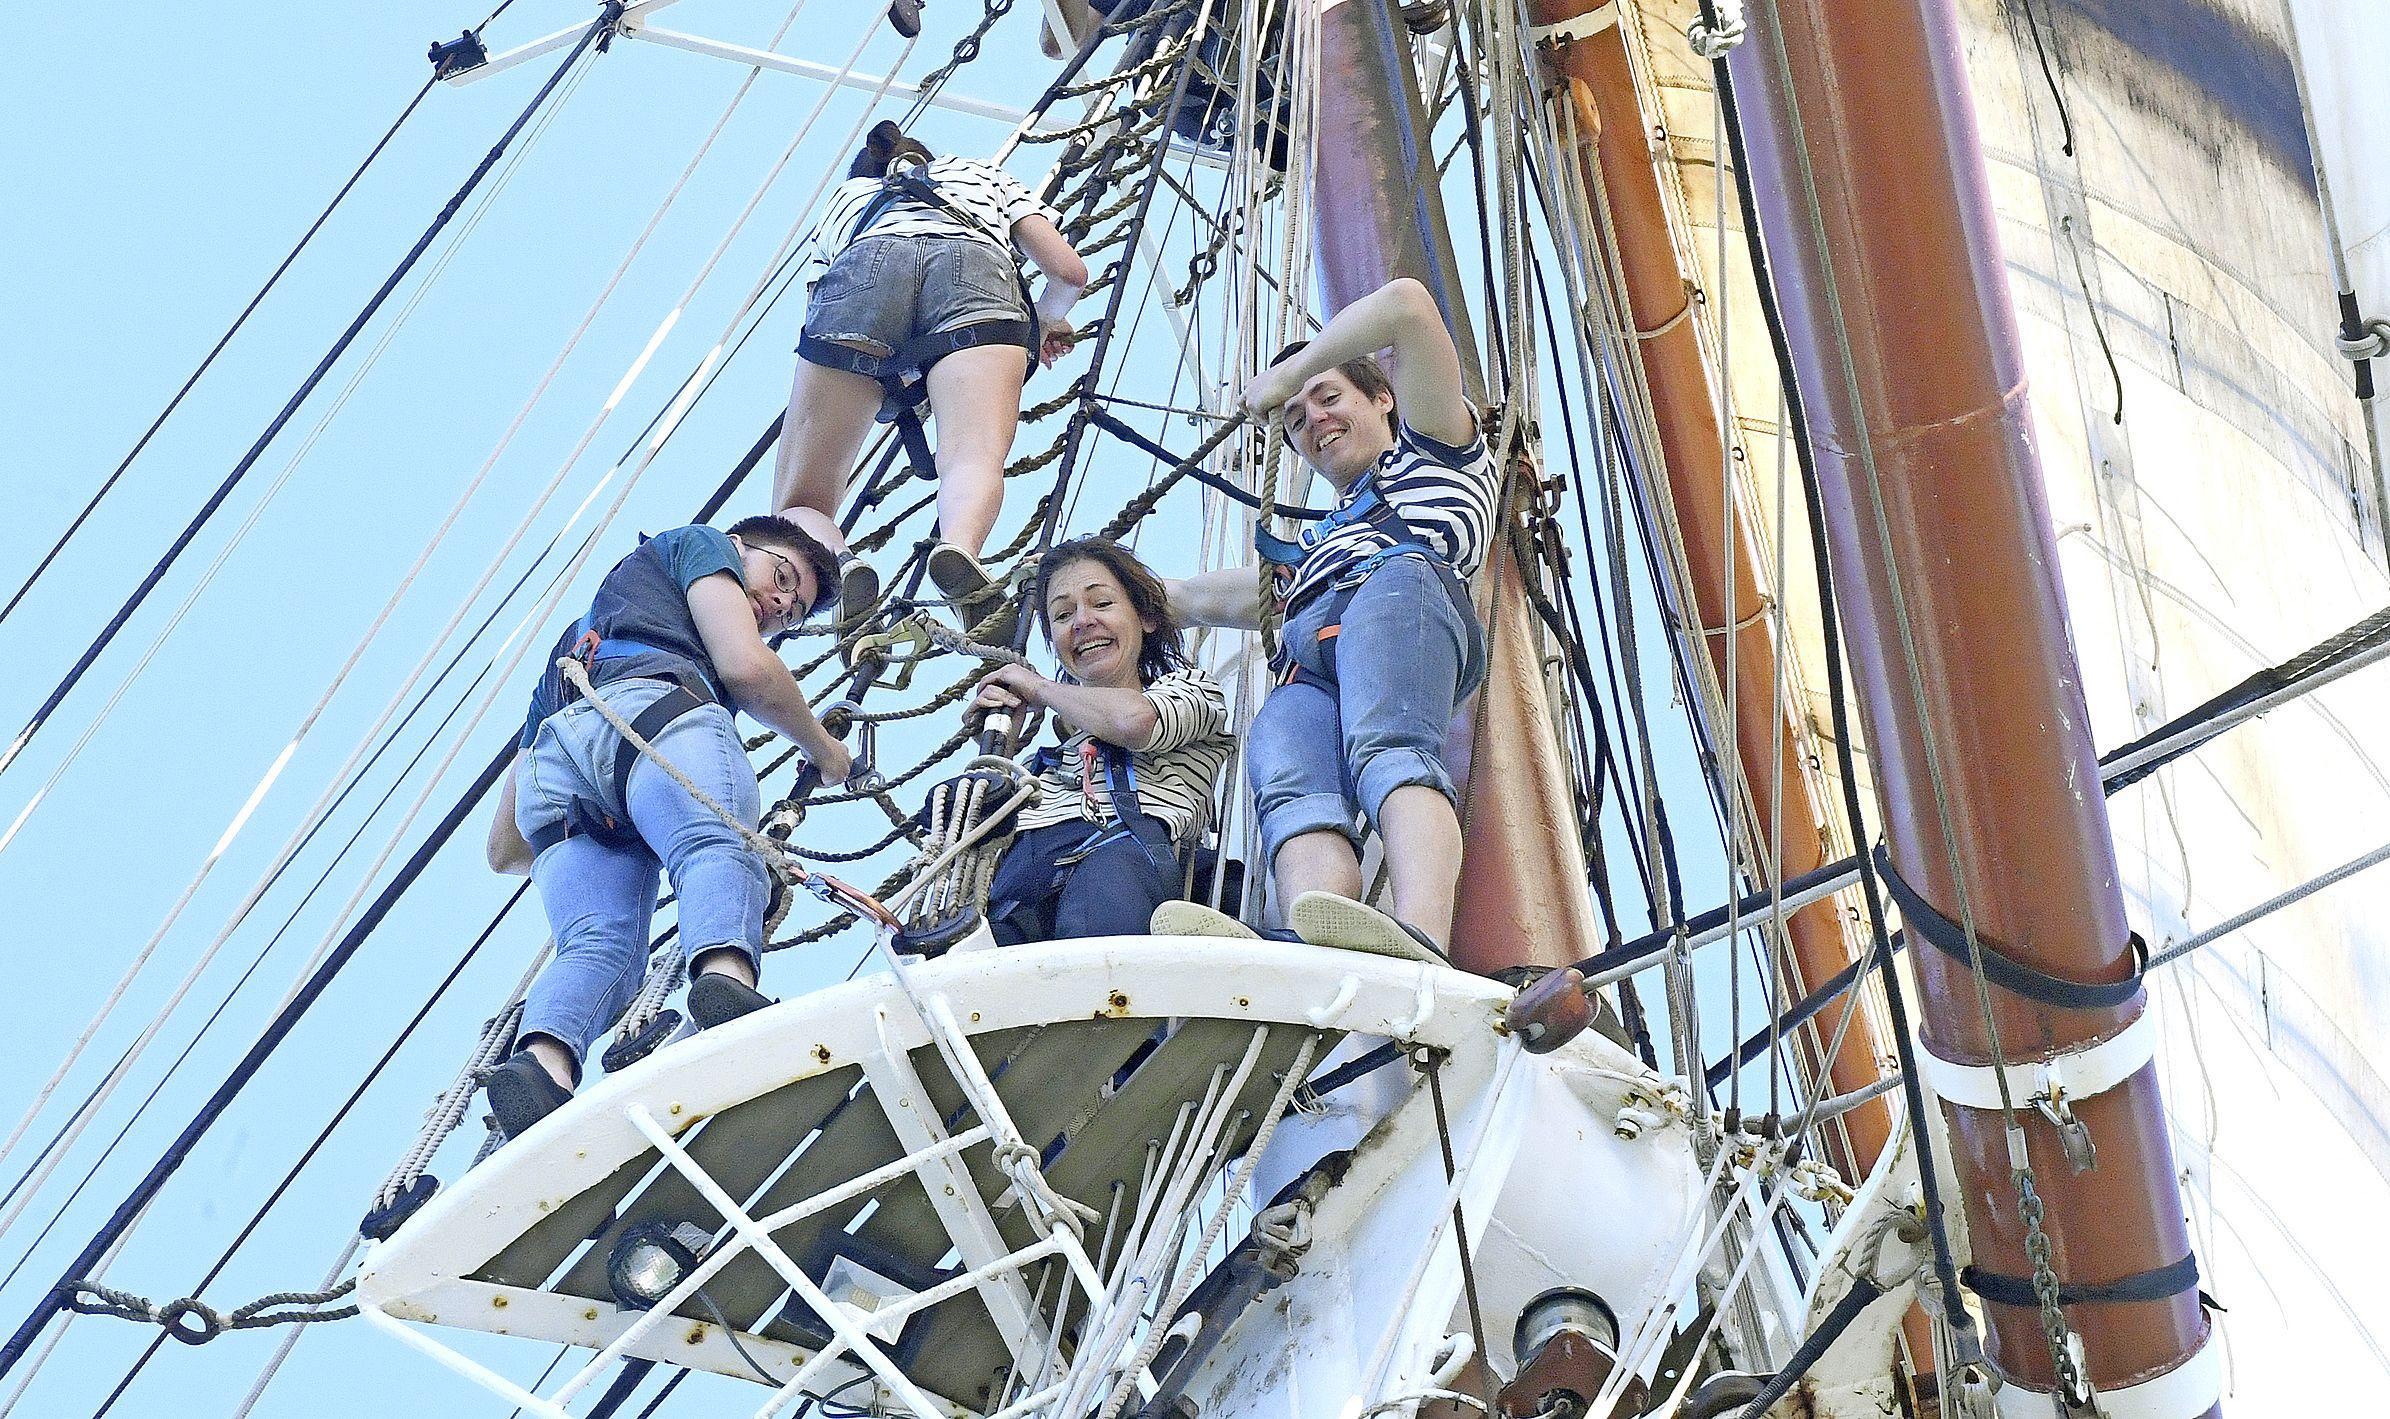 De zee op met zeilboot De Morgenster die binnenkort naar Sint Maarten vaart: 'Na die ene tweet stroomden de aanmeldingen binnen'